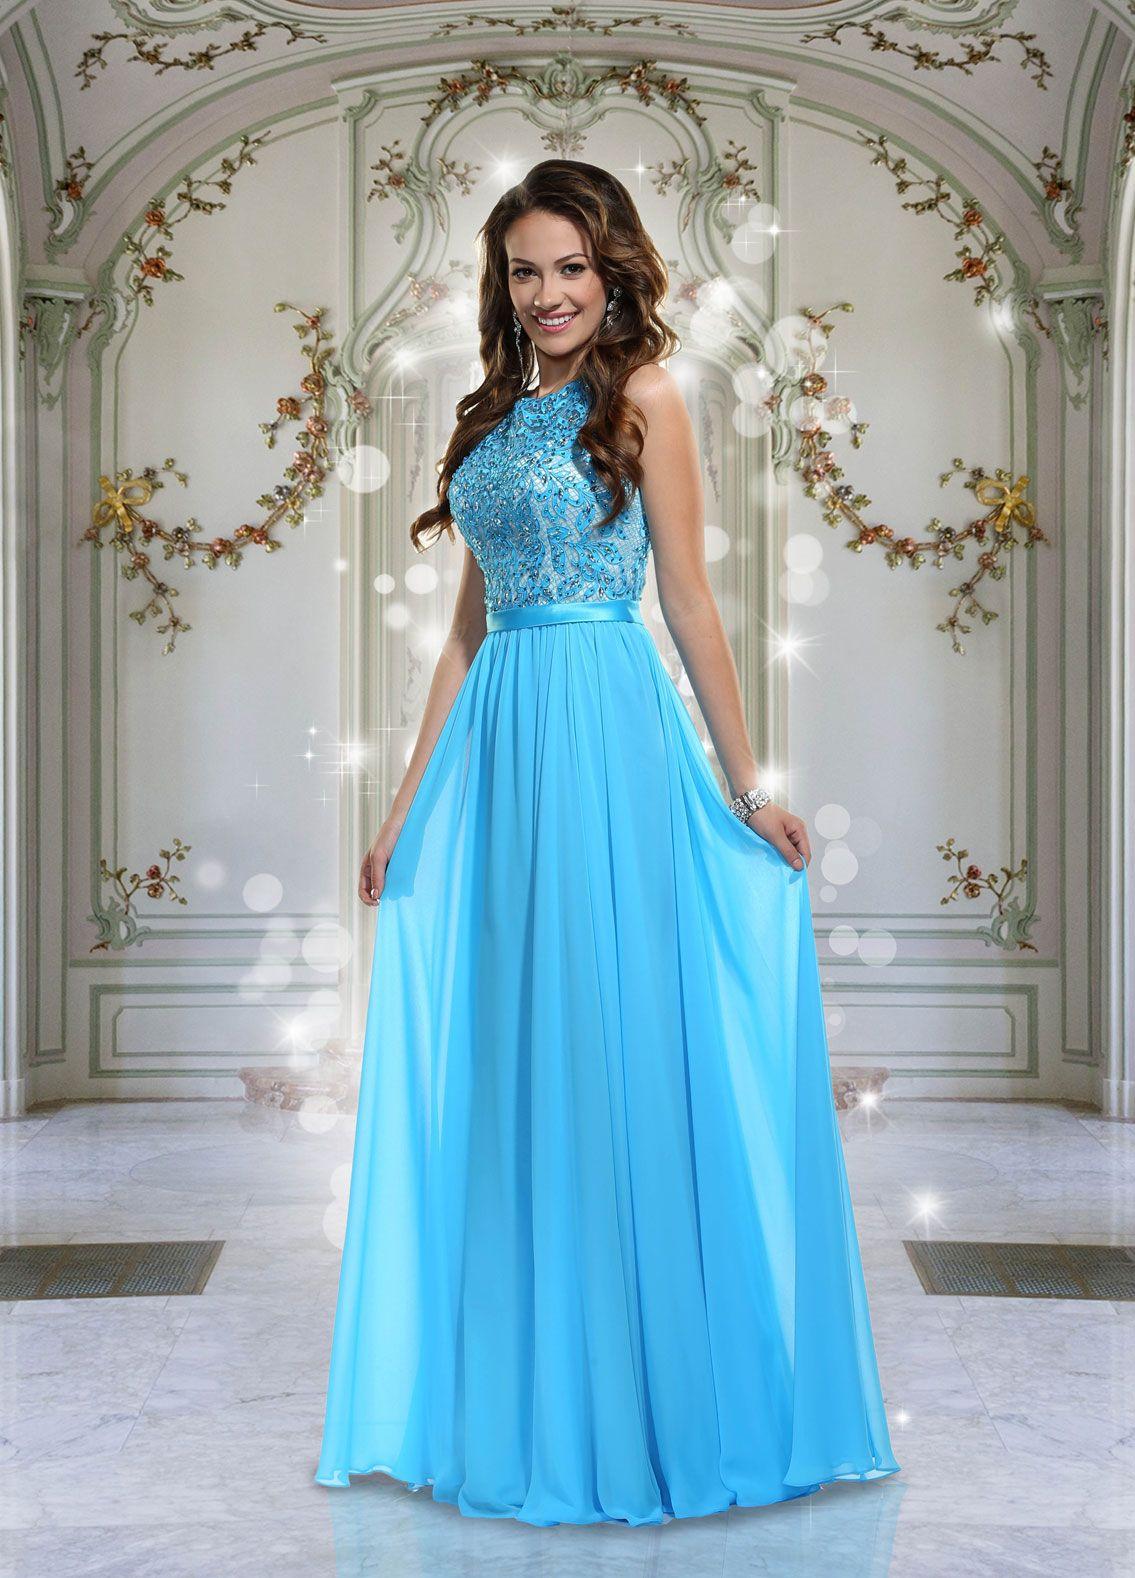 Disney Forever Enchanted Prom Dresses | PROM | Pinterest | Prom ...